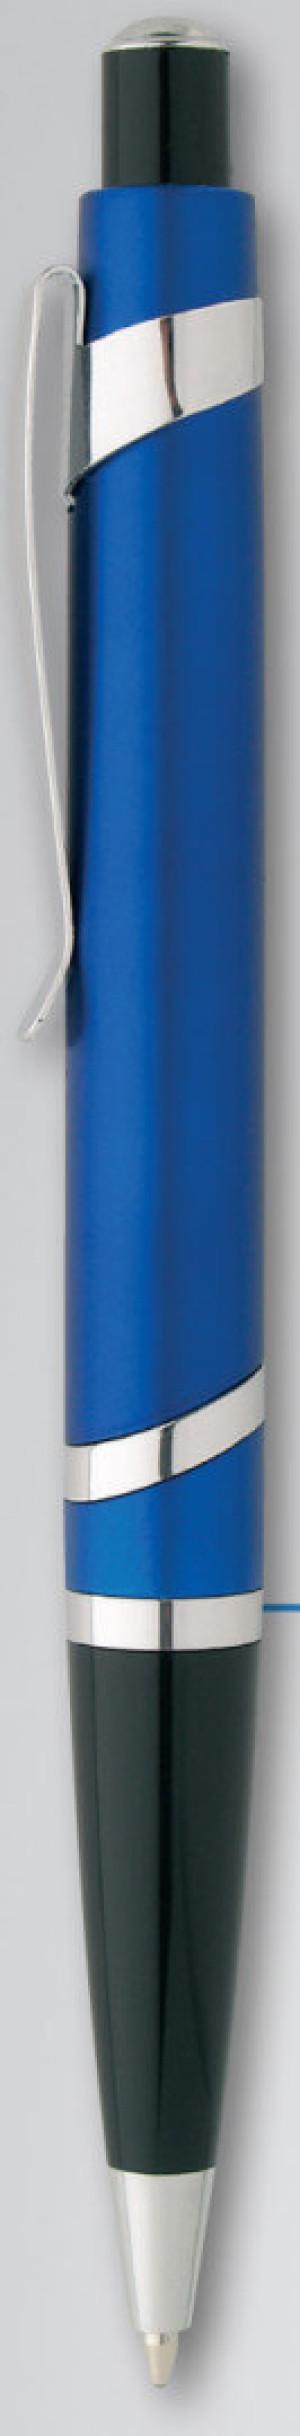 Kugelschreiber 2368